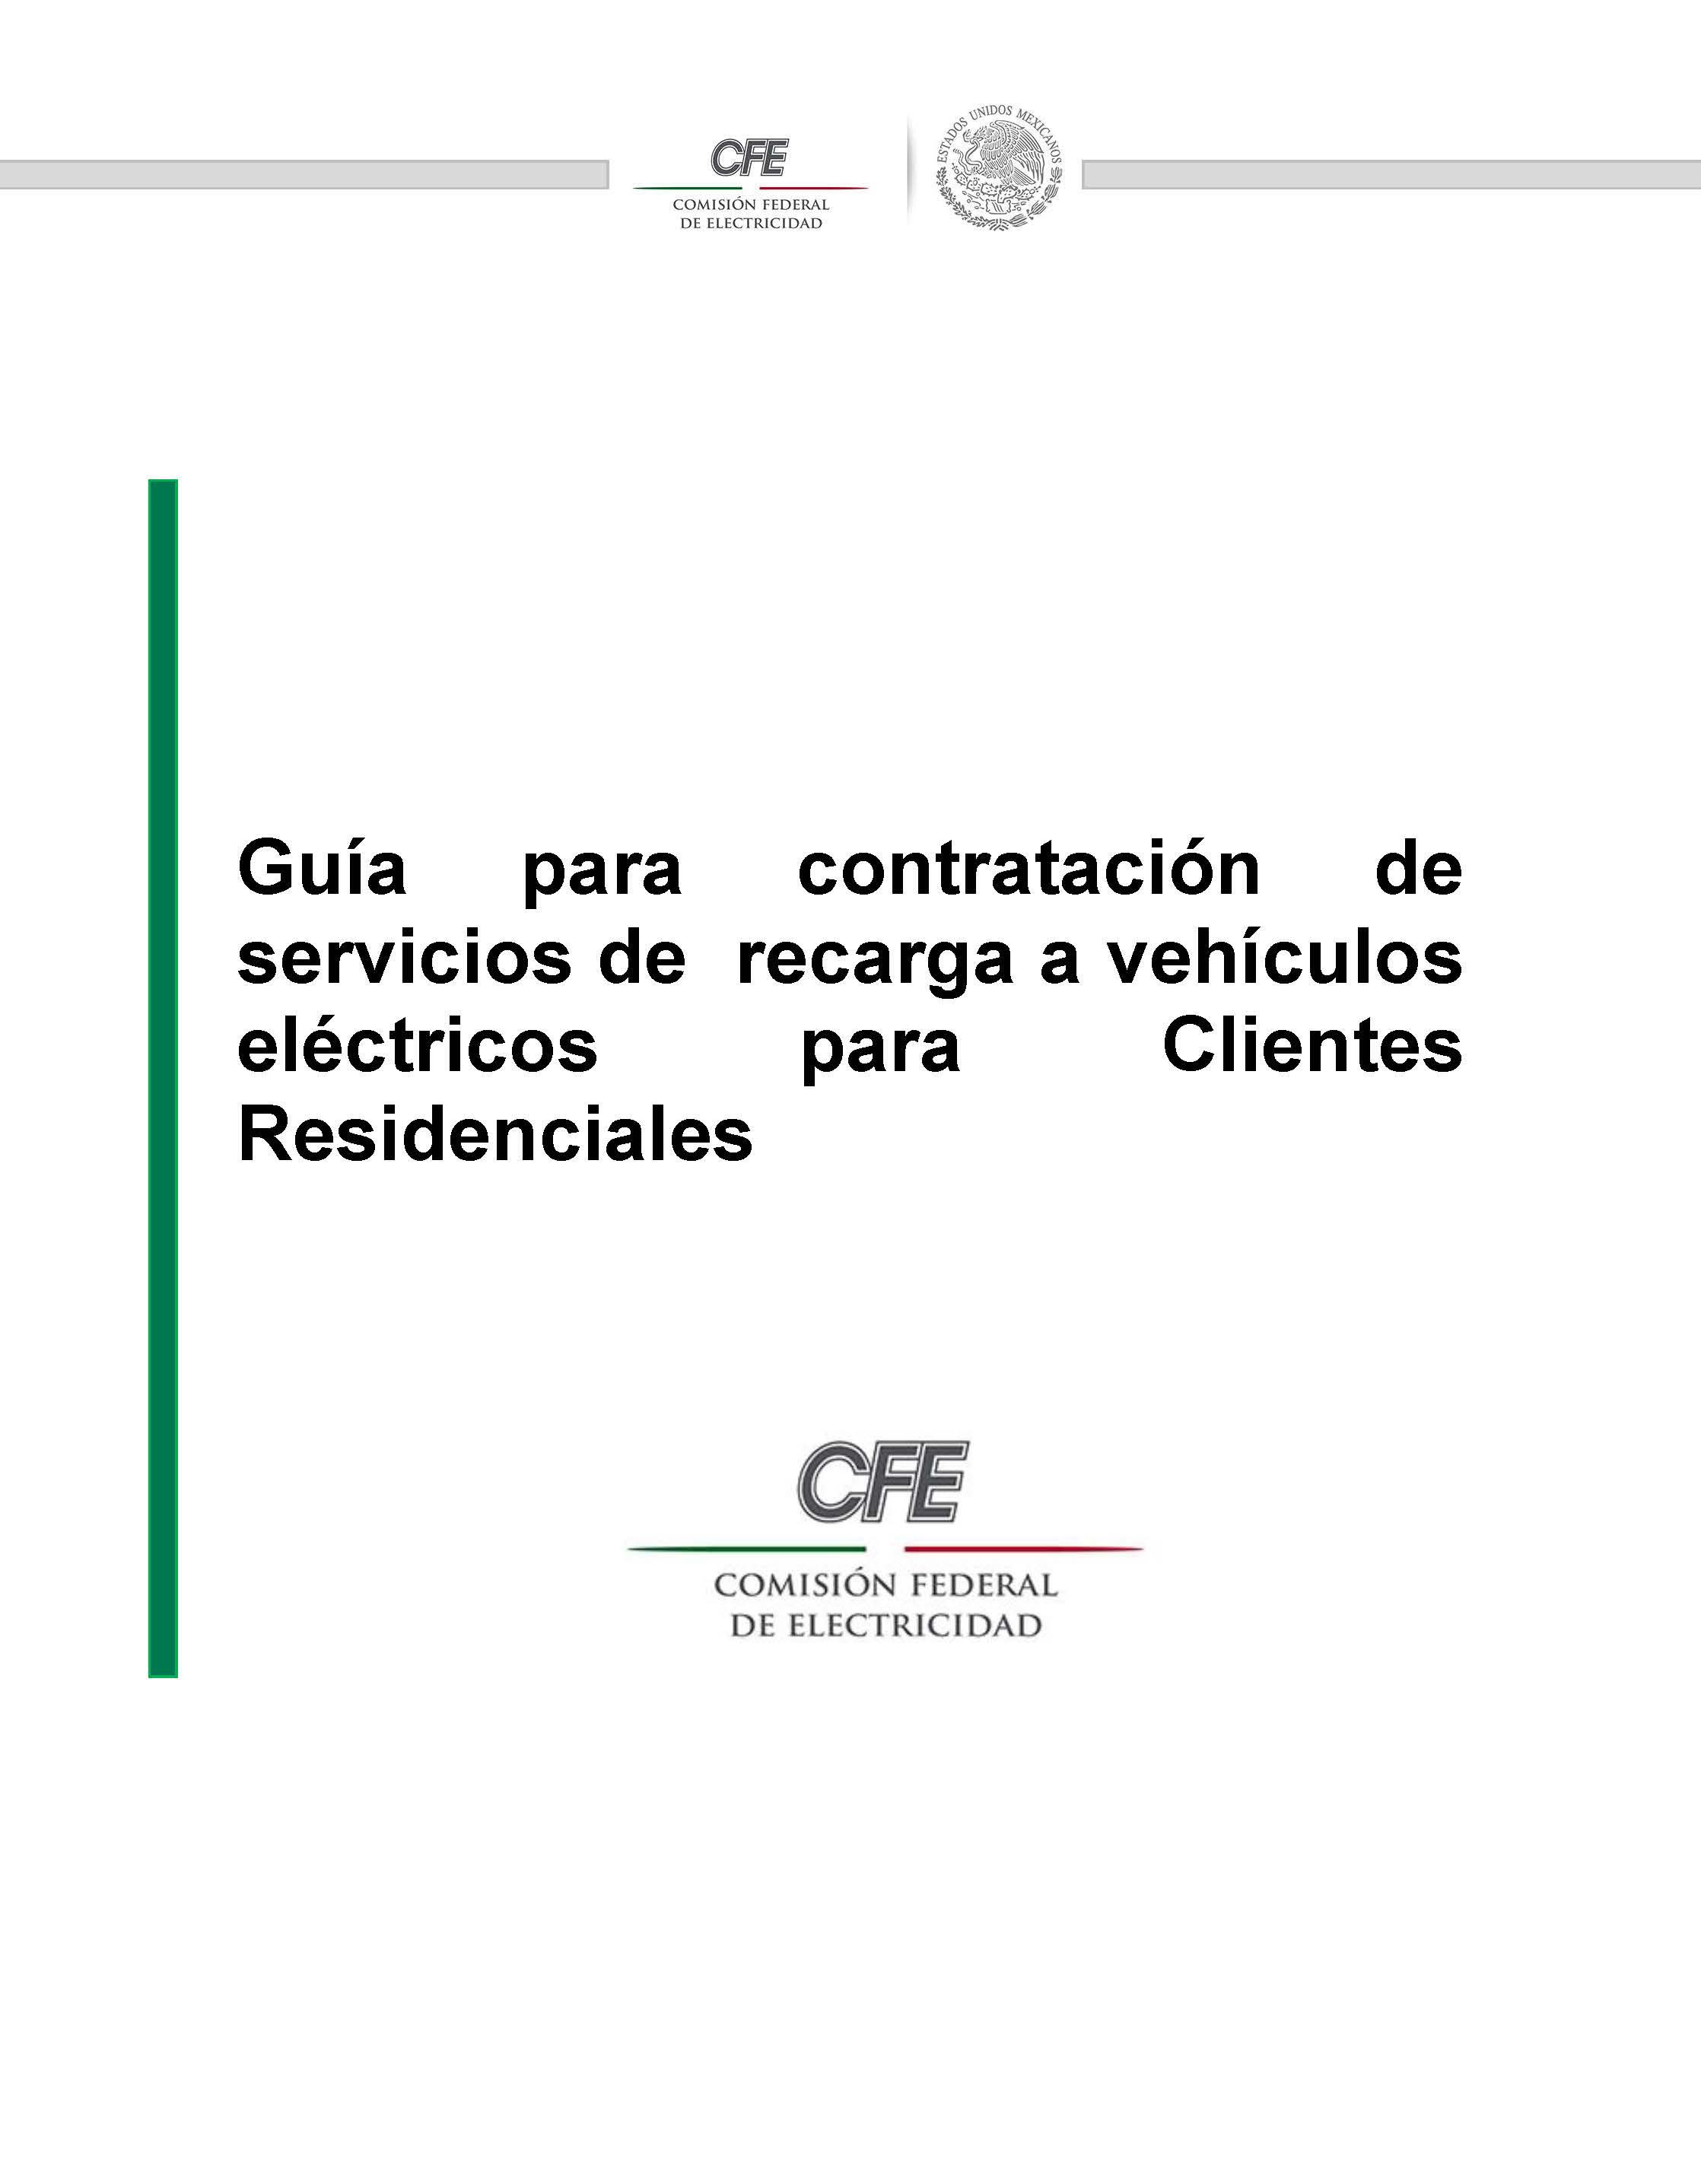 Guiacontratacionservicios_Página_1